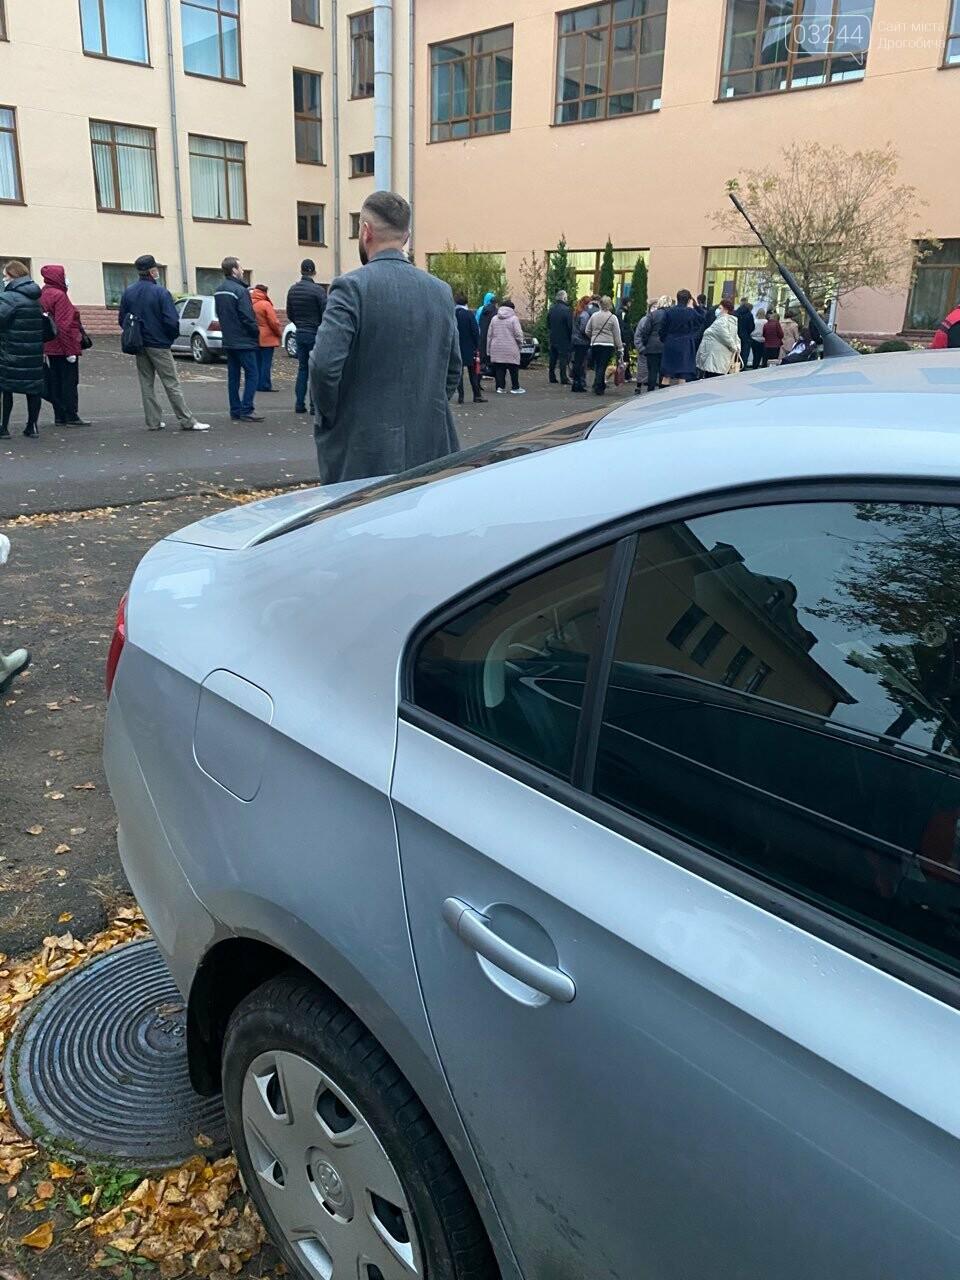 Як тривають місцеві вибори у Дрогобичі та які порушення зафіксовано,  - ФОТОЗВІТ (Оновлено), фото-23